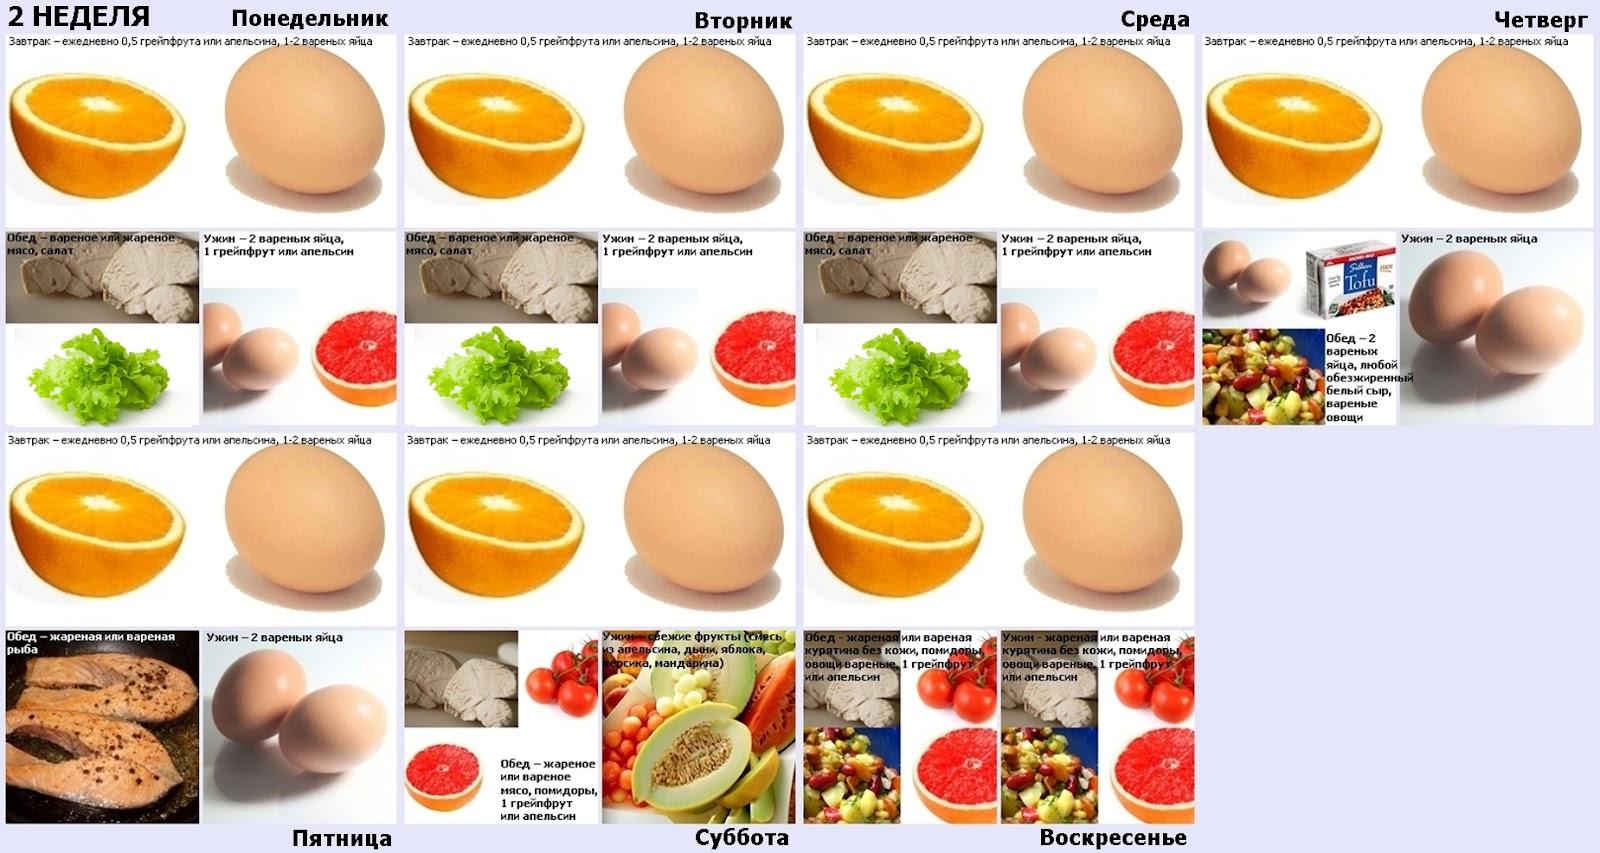 продукты которые нельзя есть при похудении список